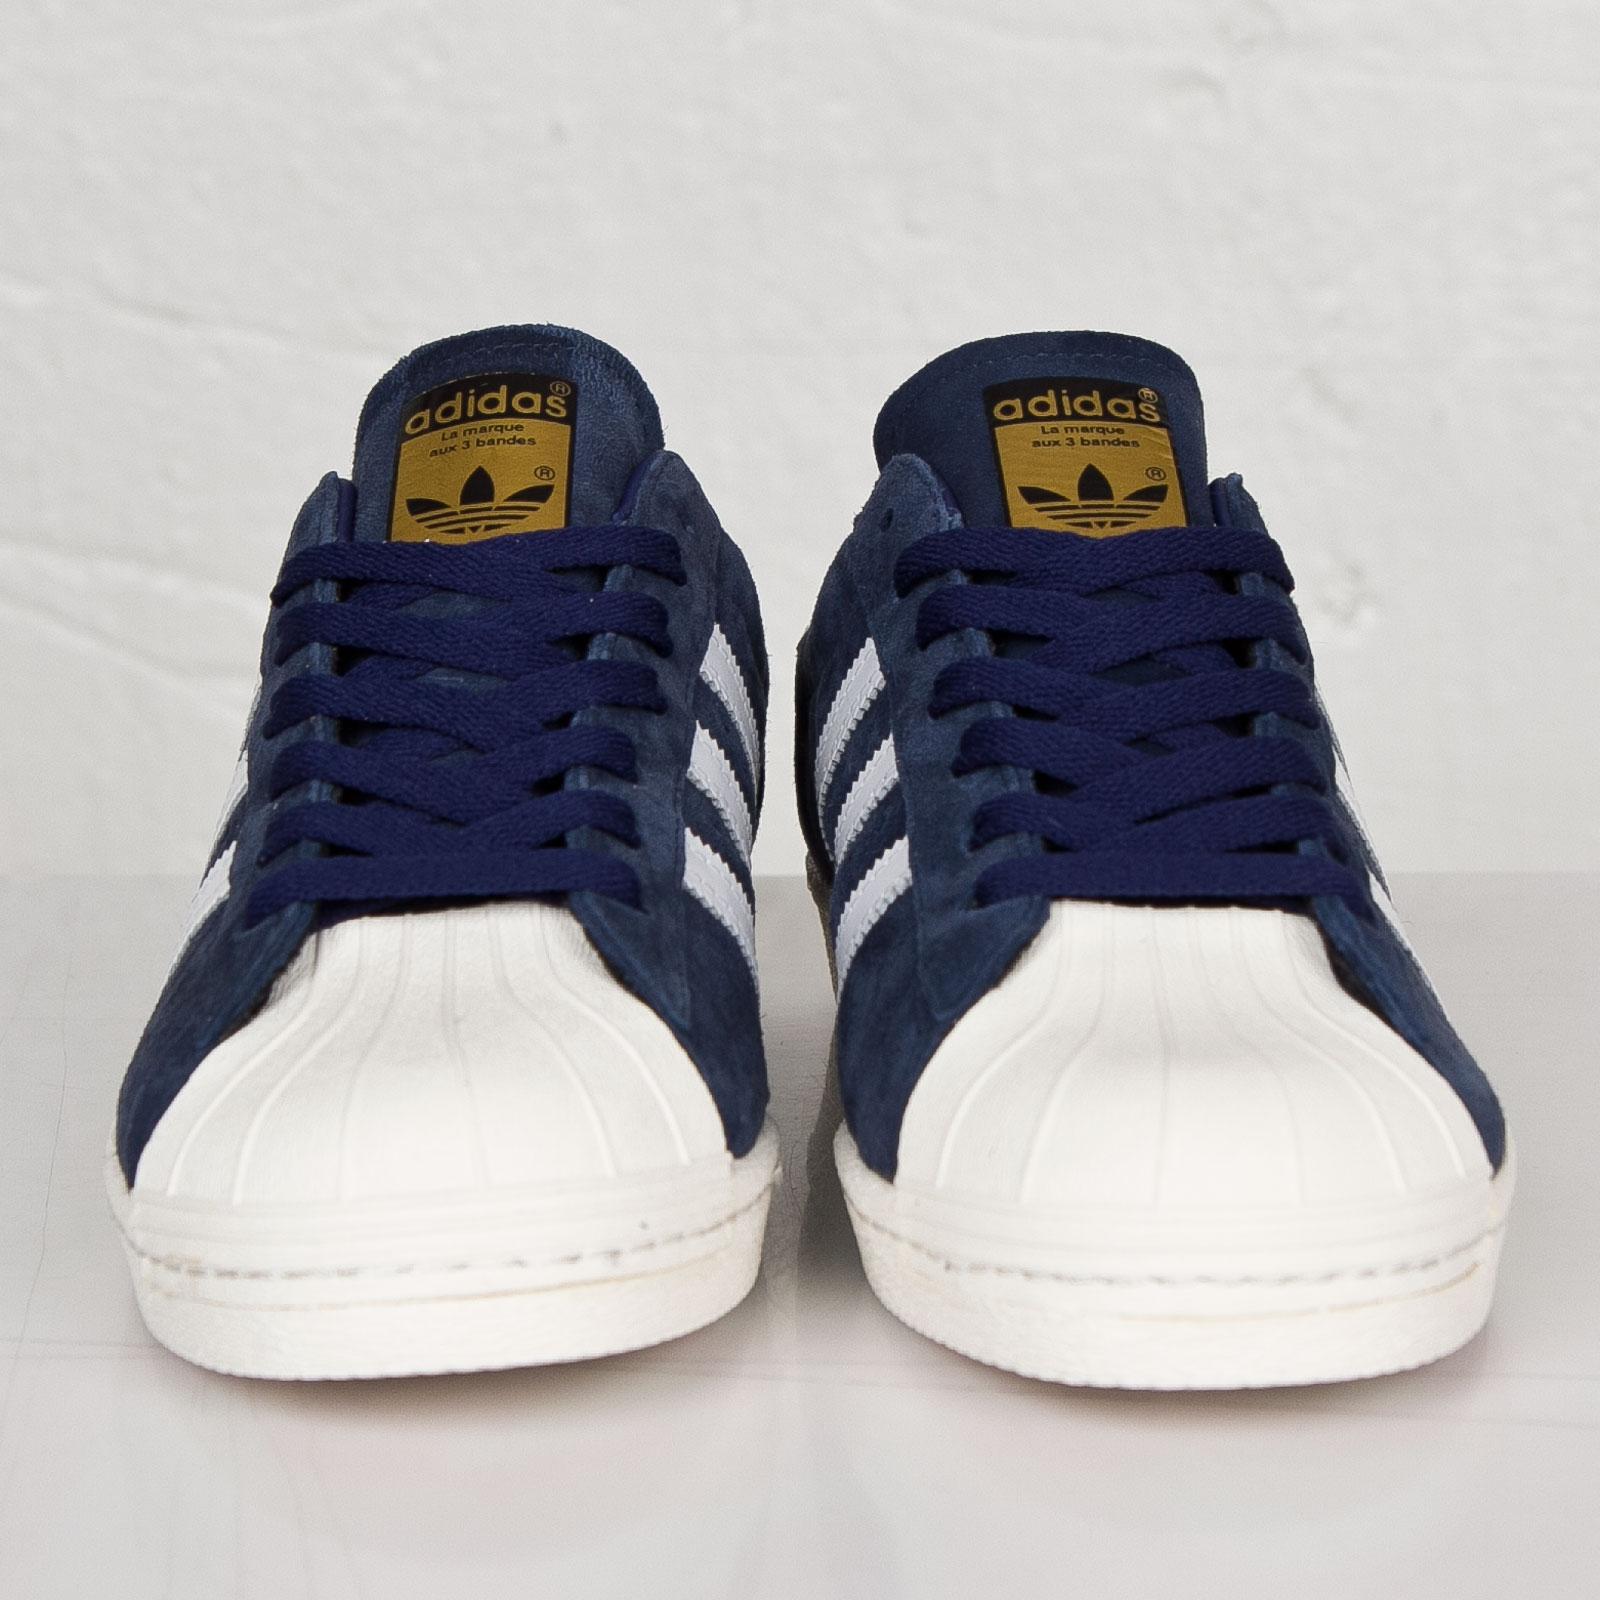 adidas superstar 80s dlx suede